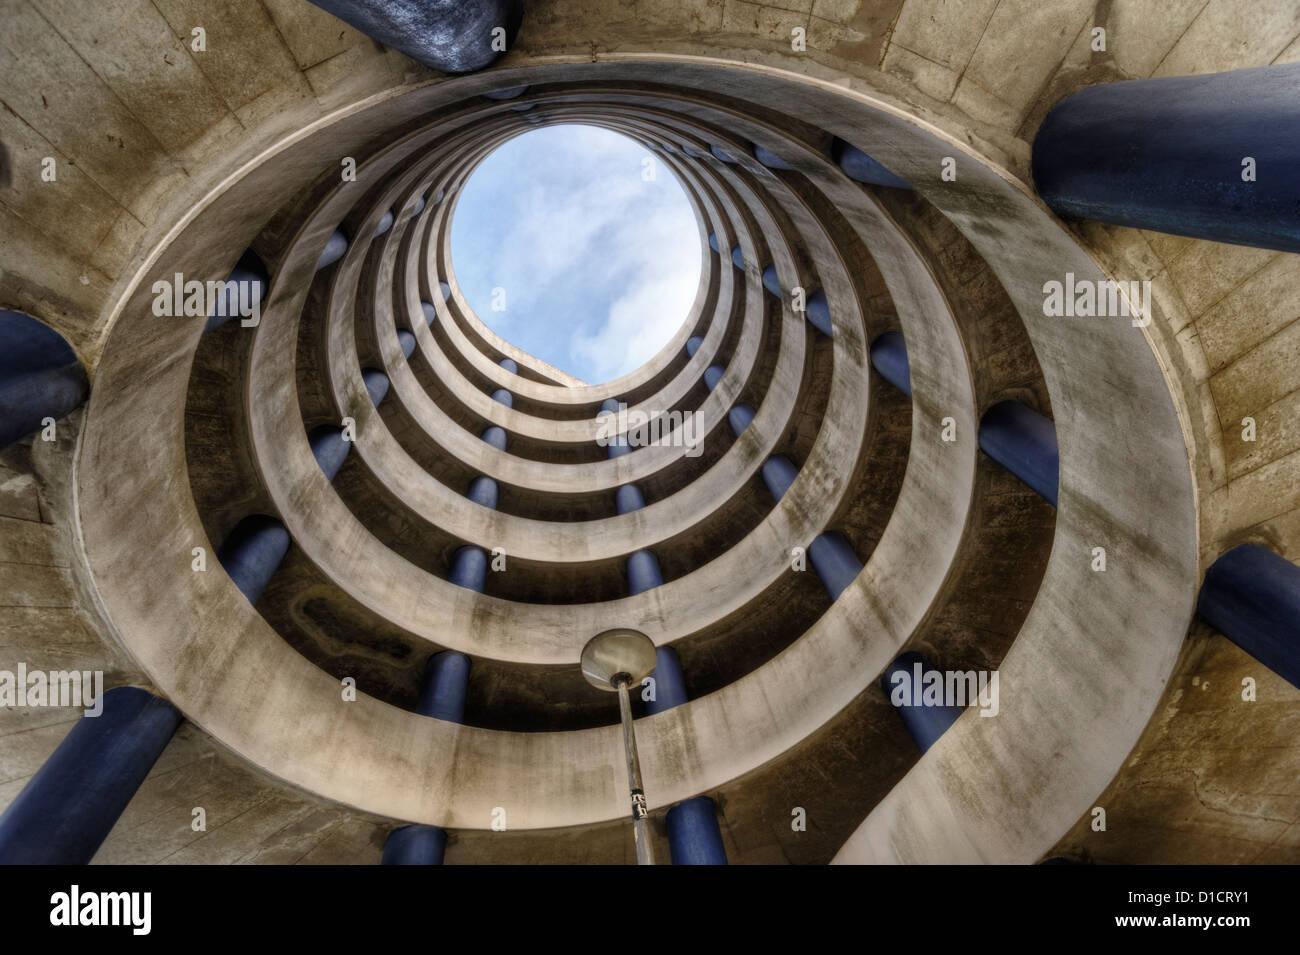 Spiral parking garage in Amsterdam, Netherlands, viewed from below Stock Photo